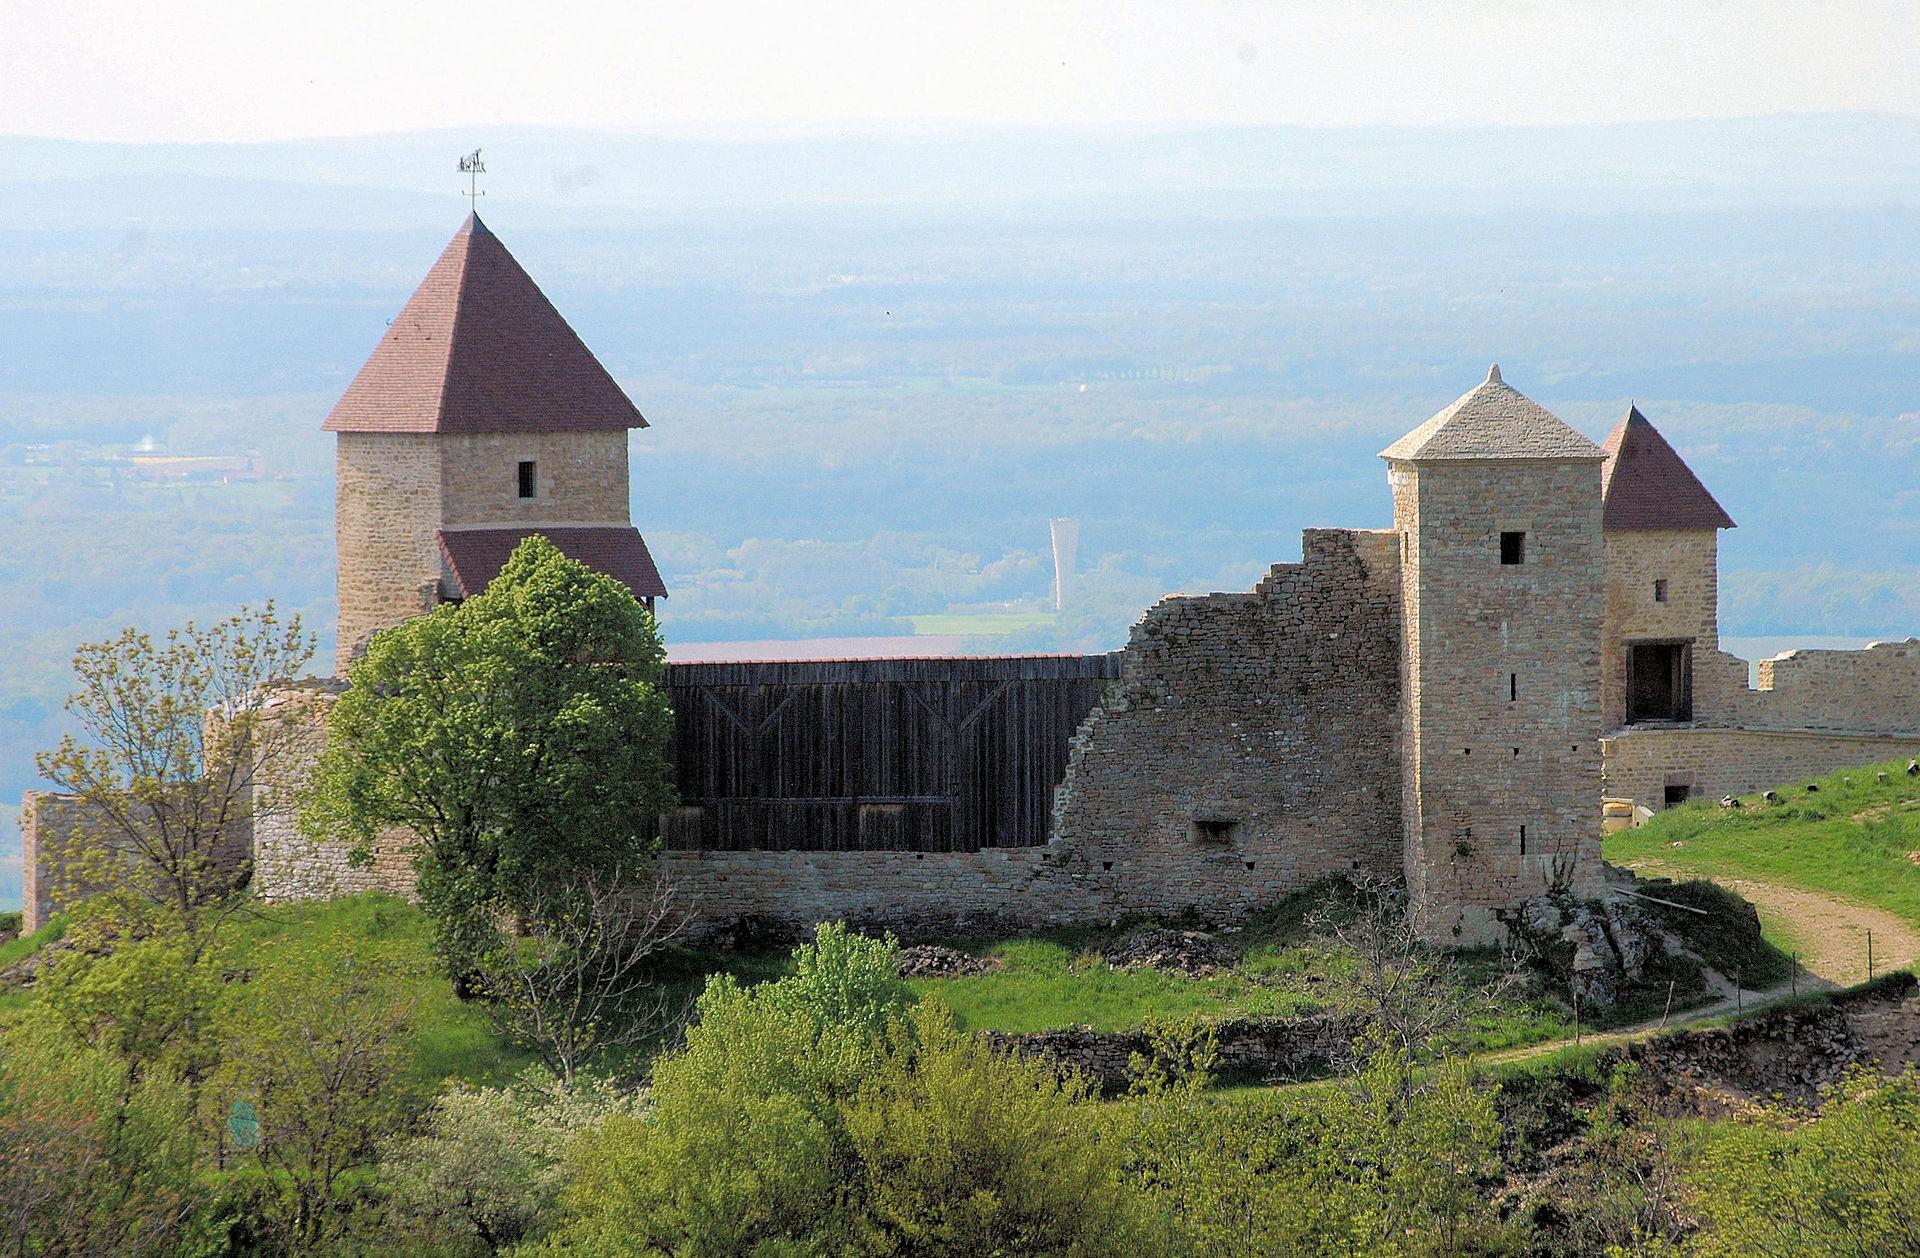 Au château de Chevreaux, on n'y trouve que la descendance des chèvres 1920px-Chateau_chevreaux